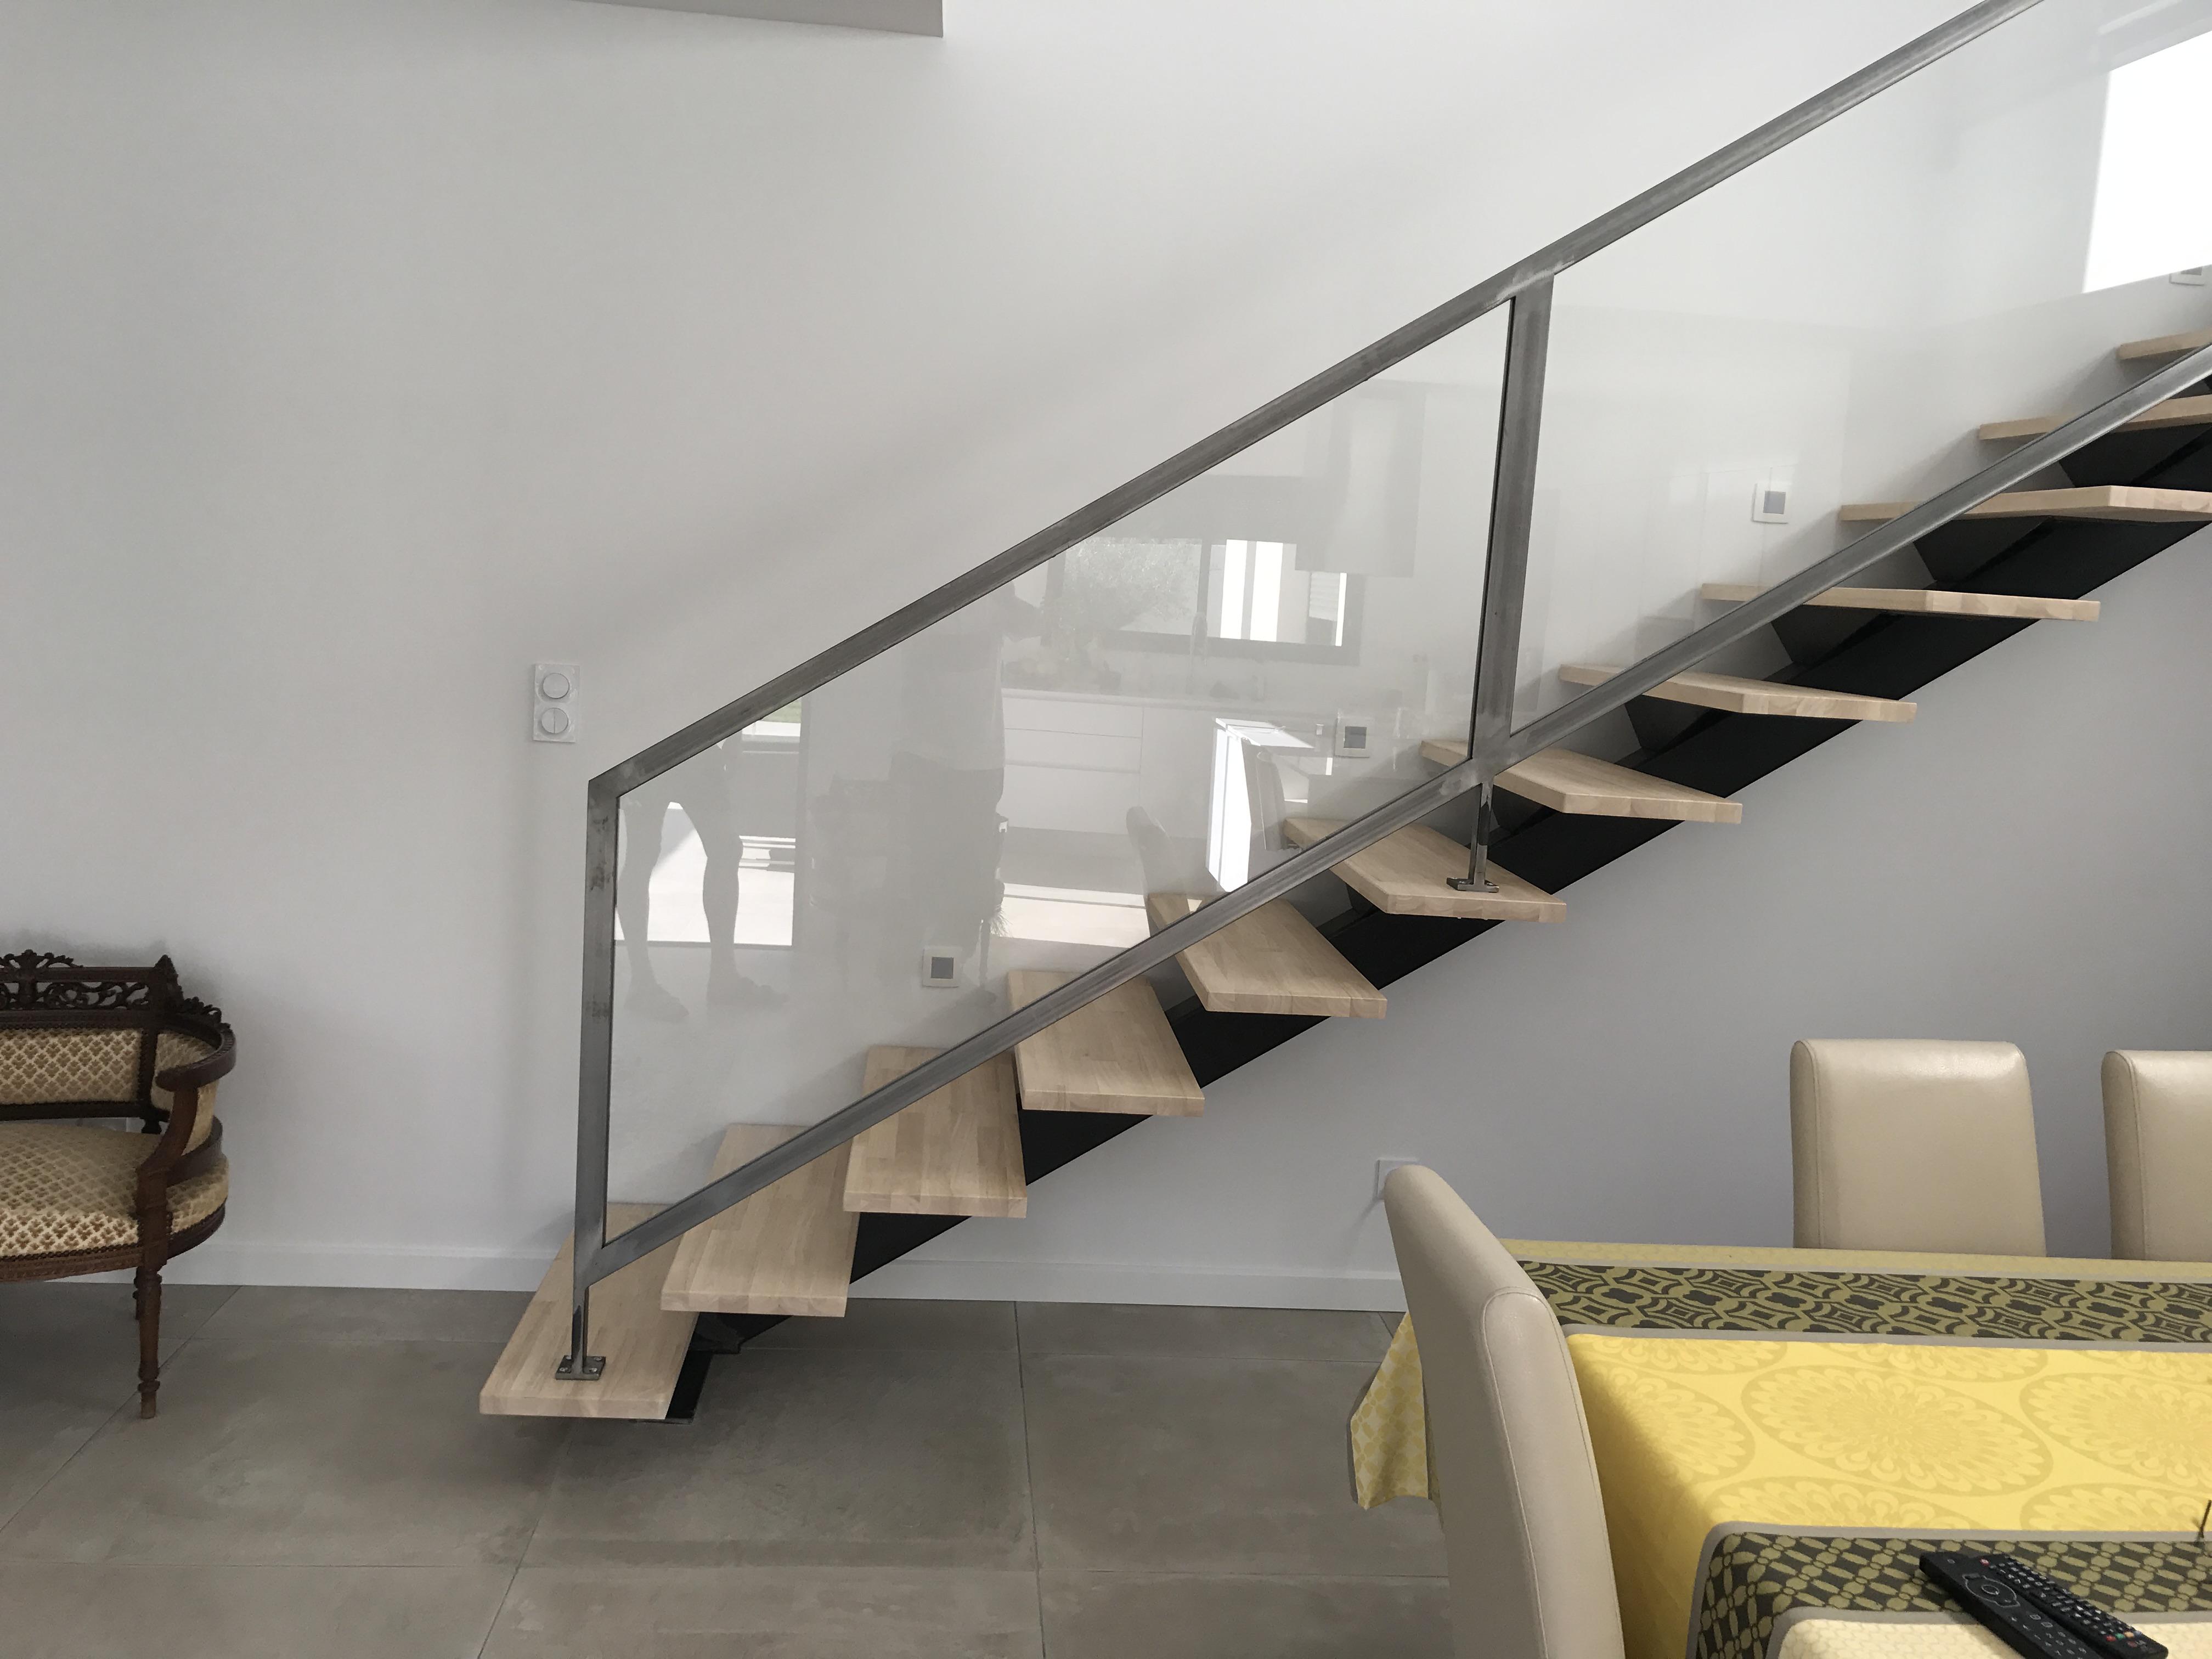 escalier m tallique droit bouzygues dans l 39 h rault 34. Black Bedroom Furniture Sets. Home Design Ideas